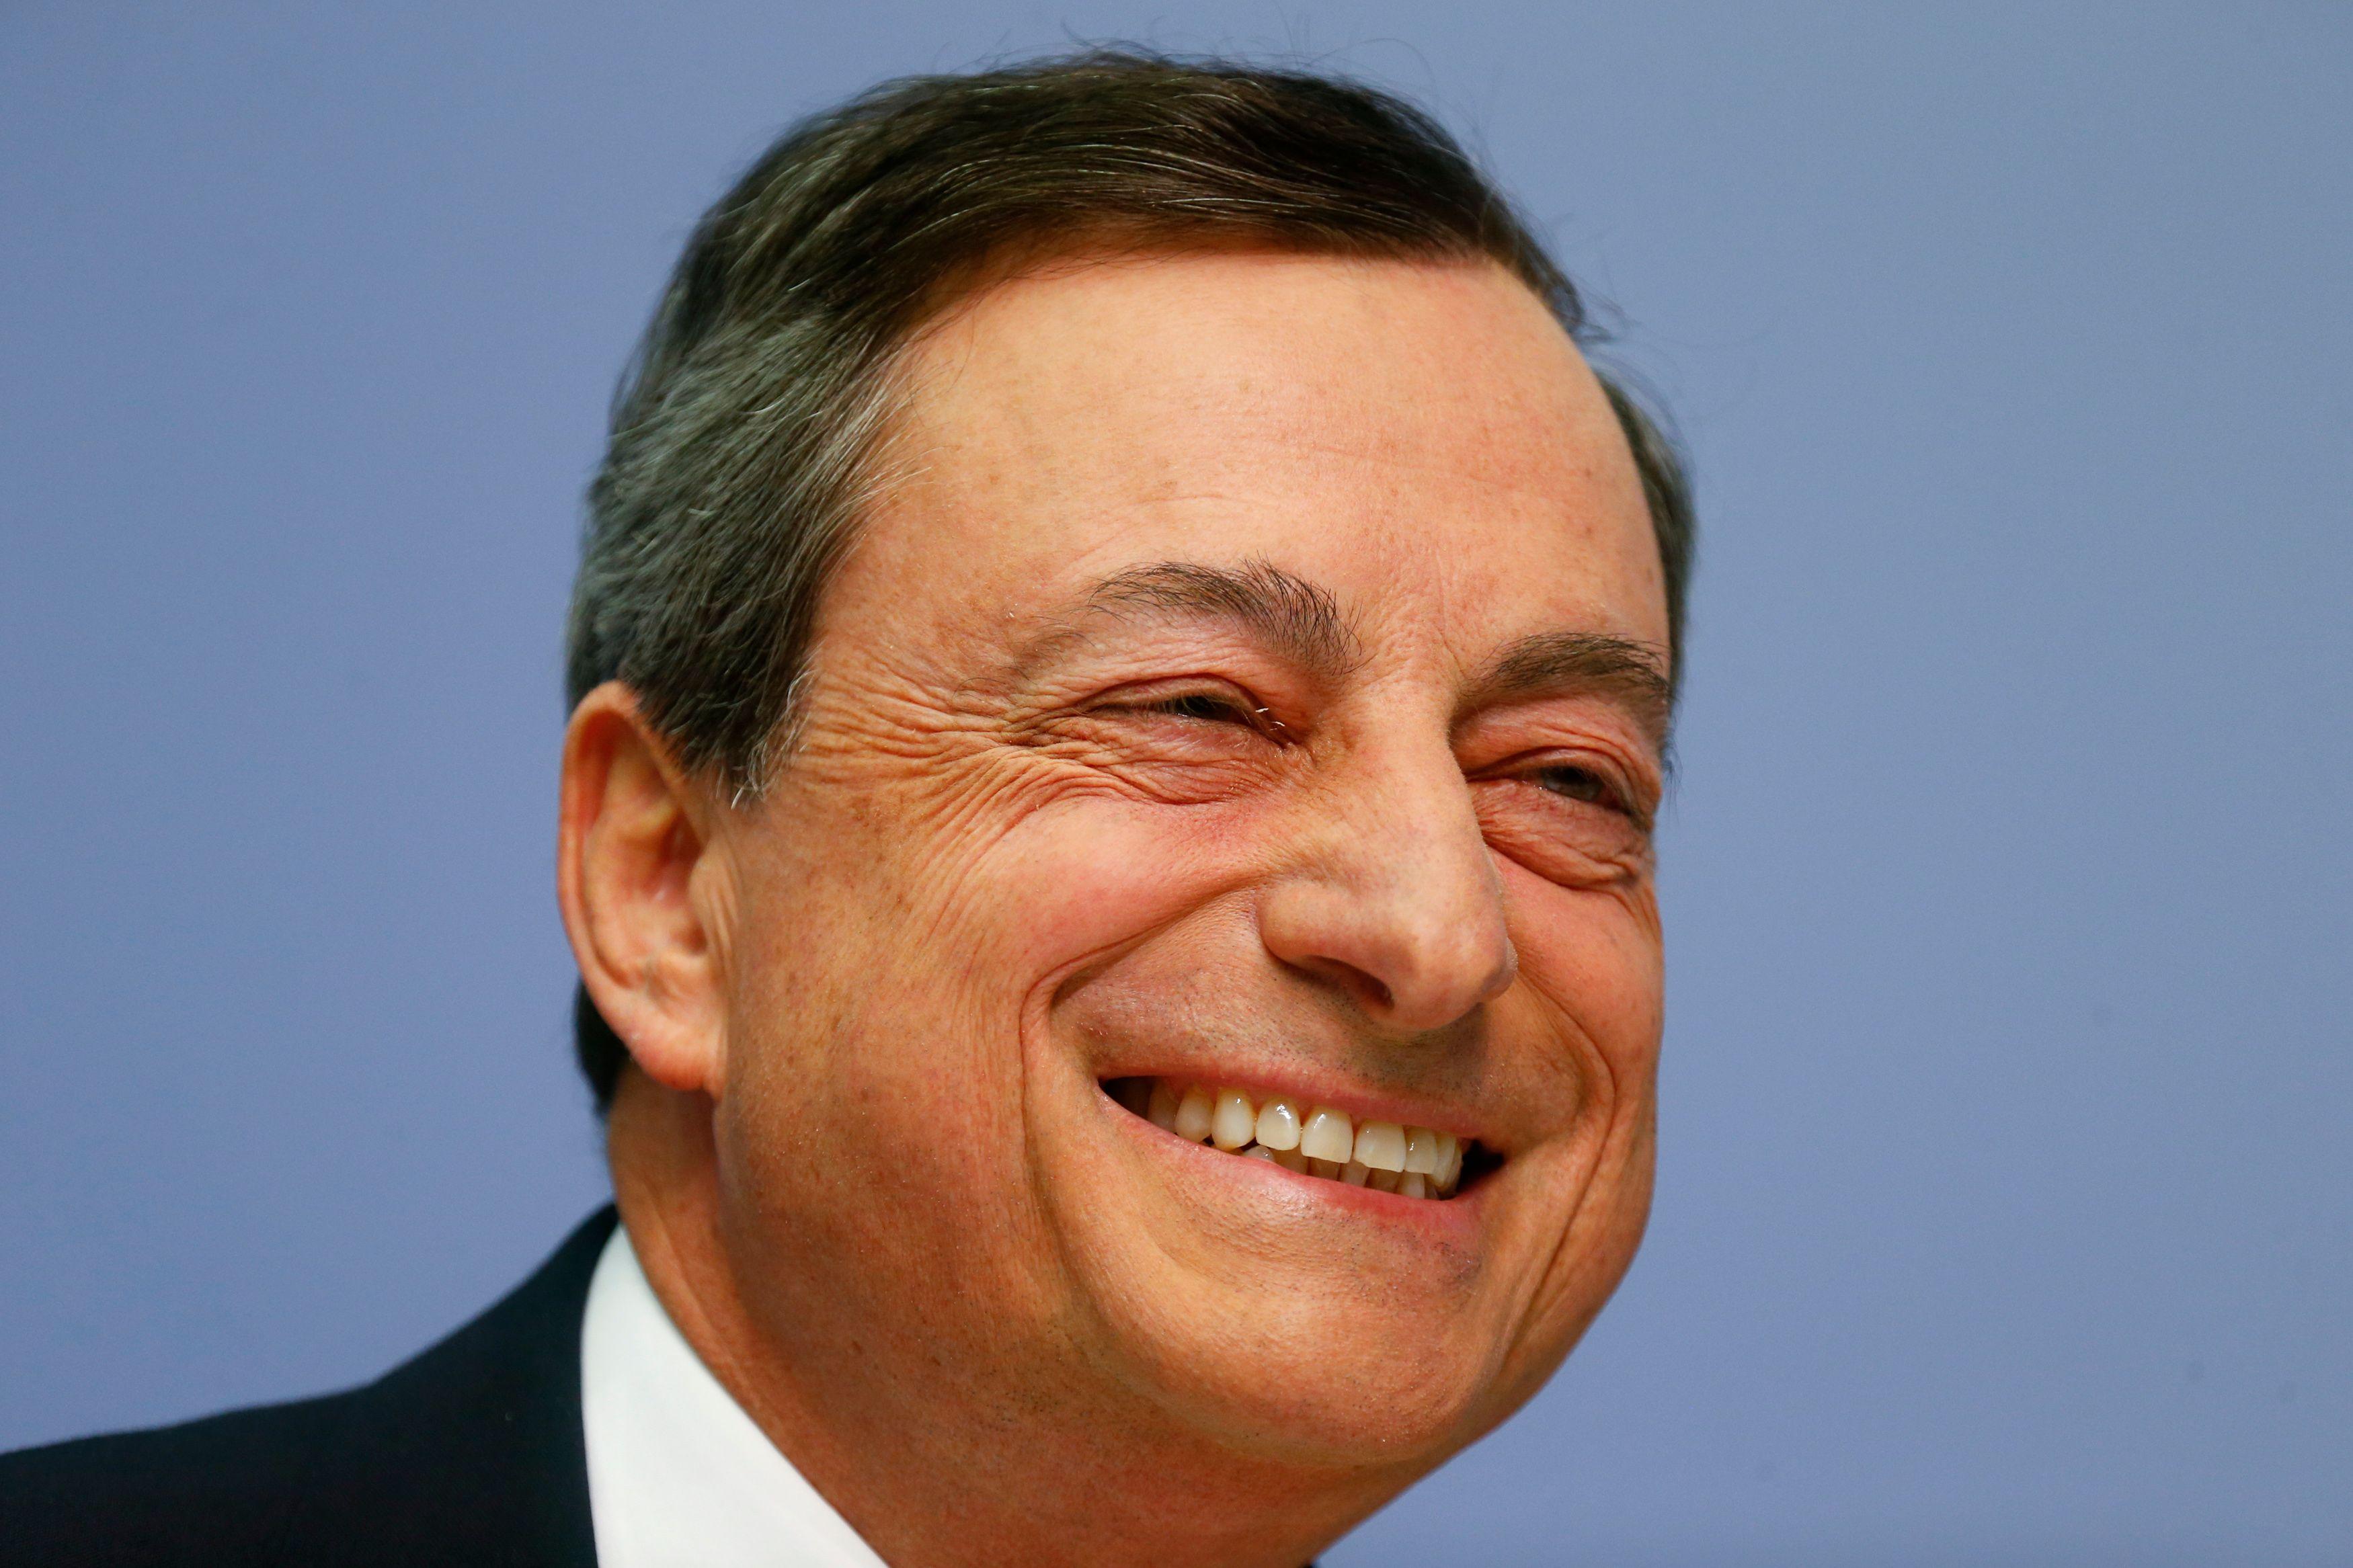 Opération apaiser les craintes : Mario Draghi s'emploie à rassurer ceux qui voyaient des bulles partout à cause de la politique de la BCE